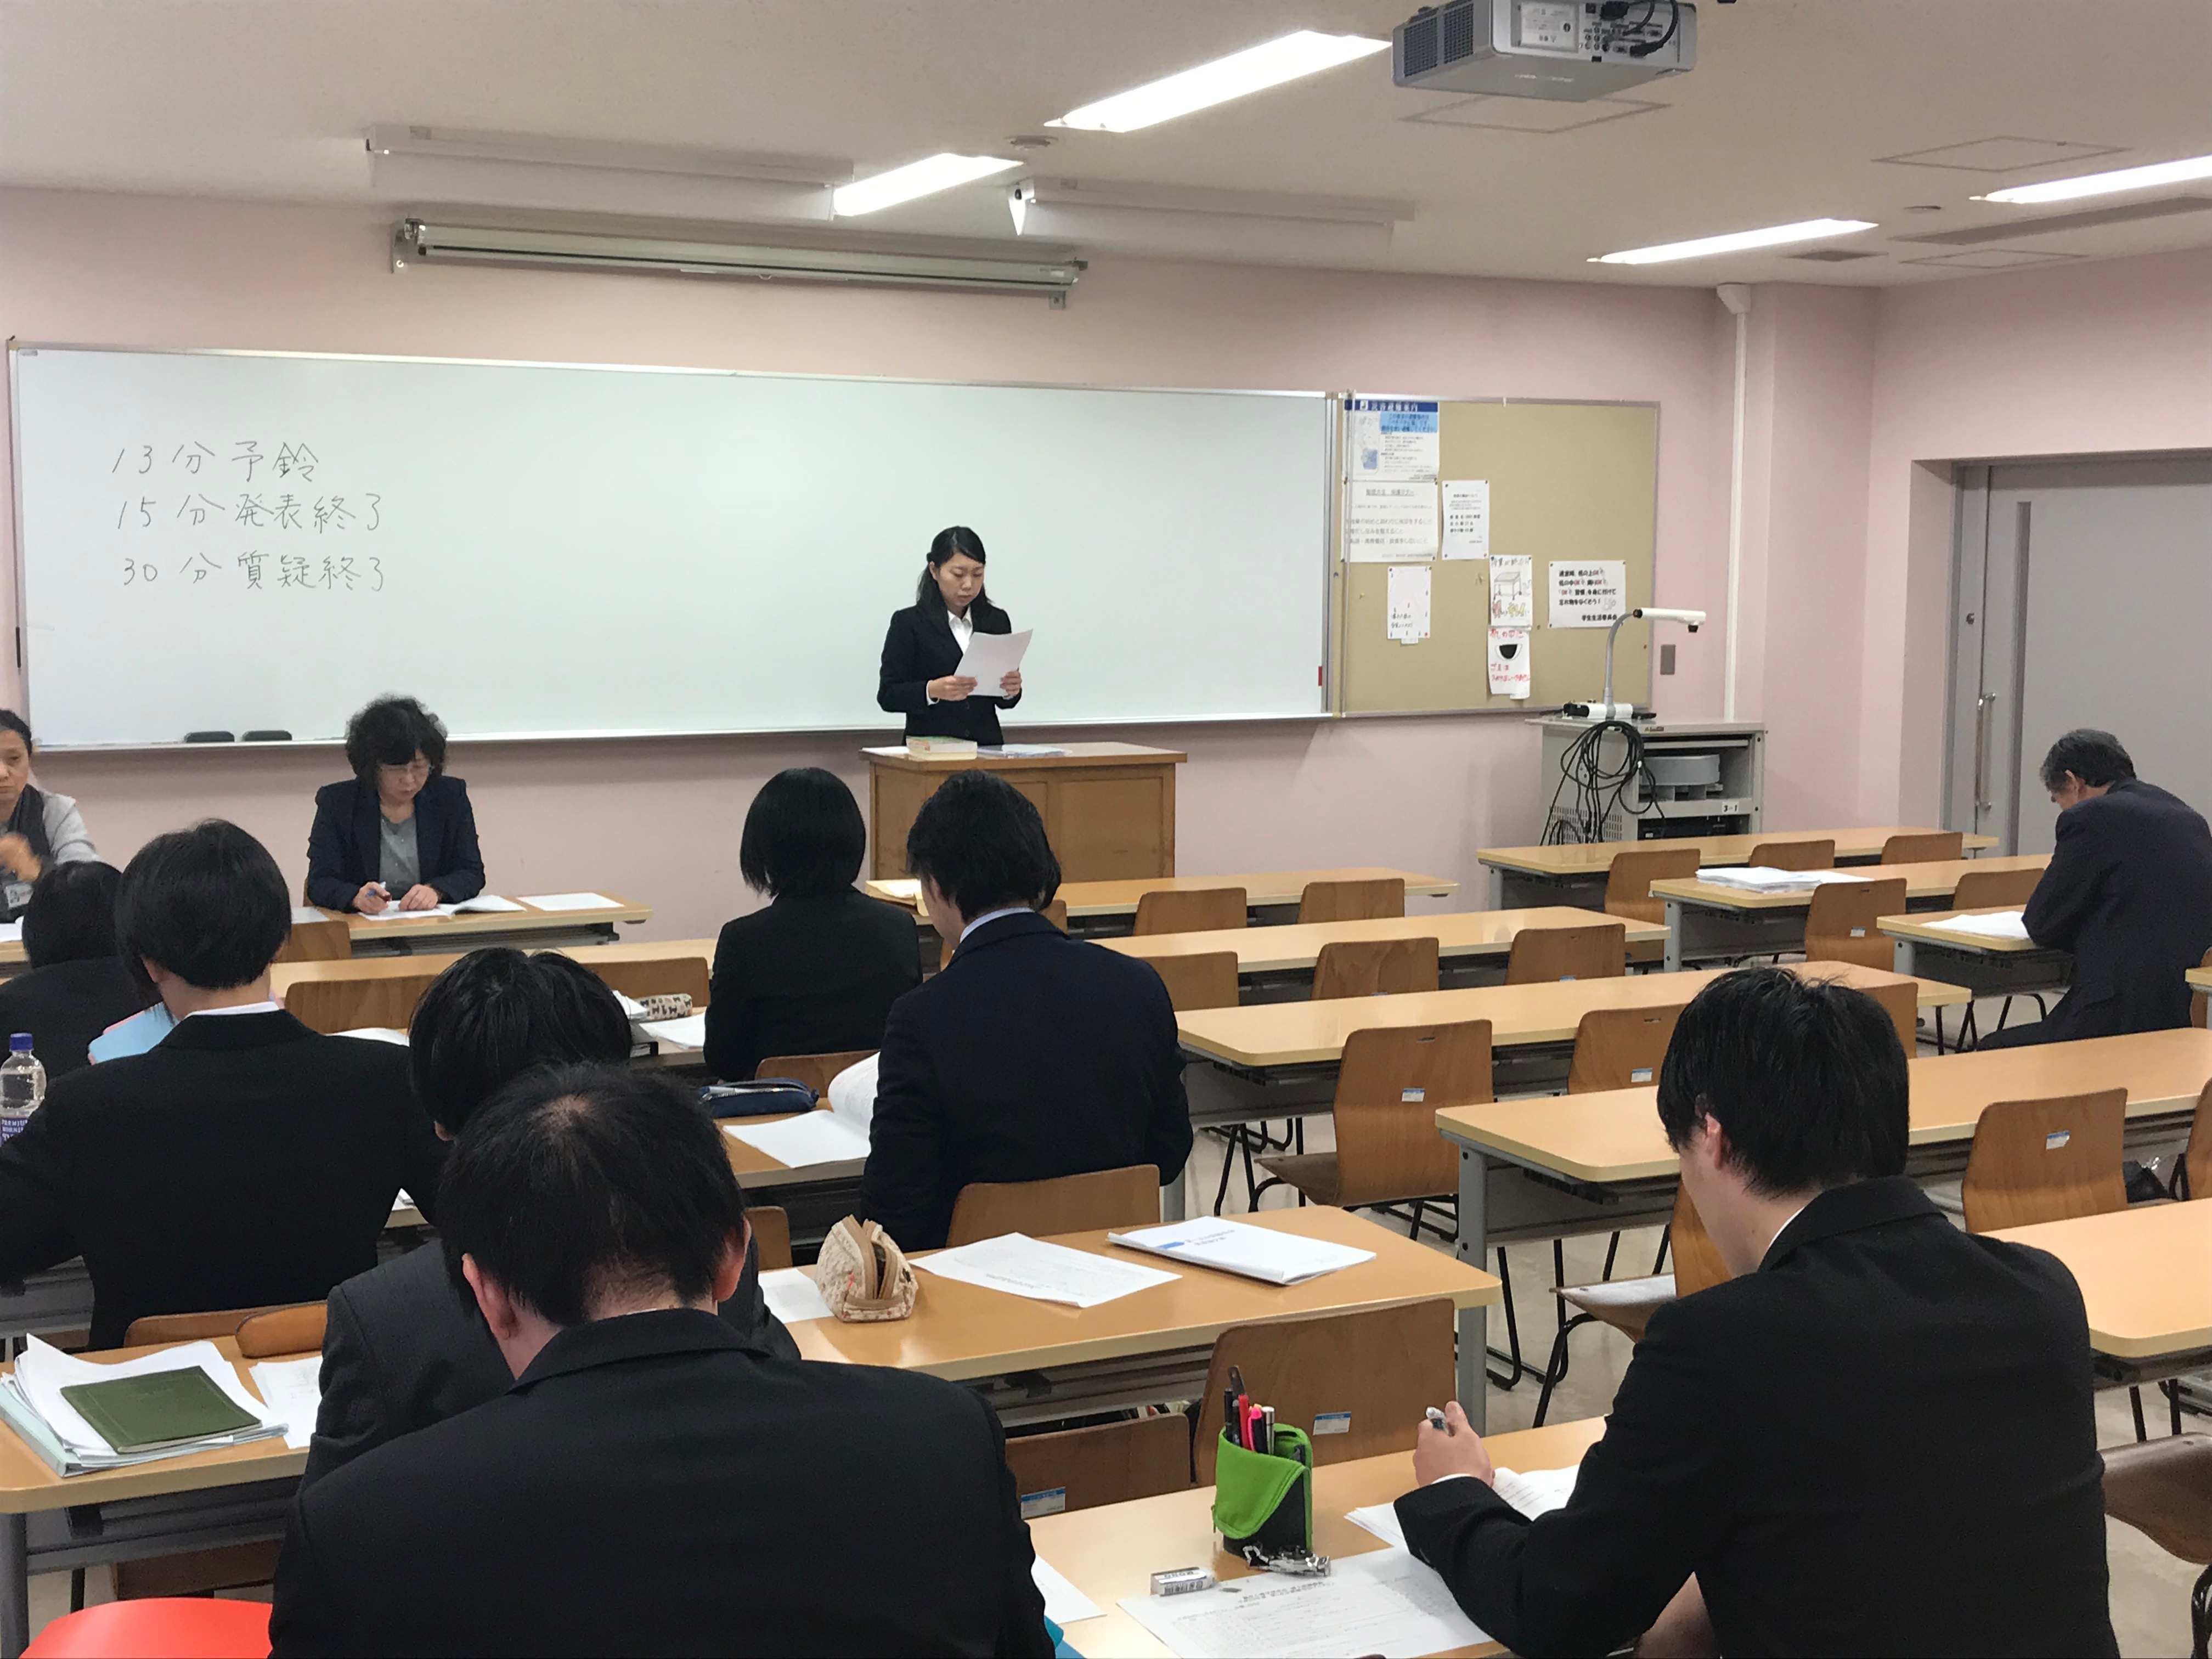 臨床心理学研究科の中間報告会を開催しました。